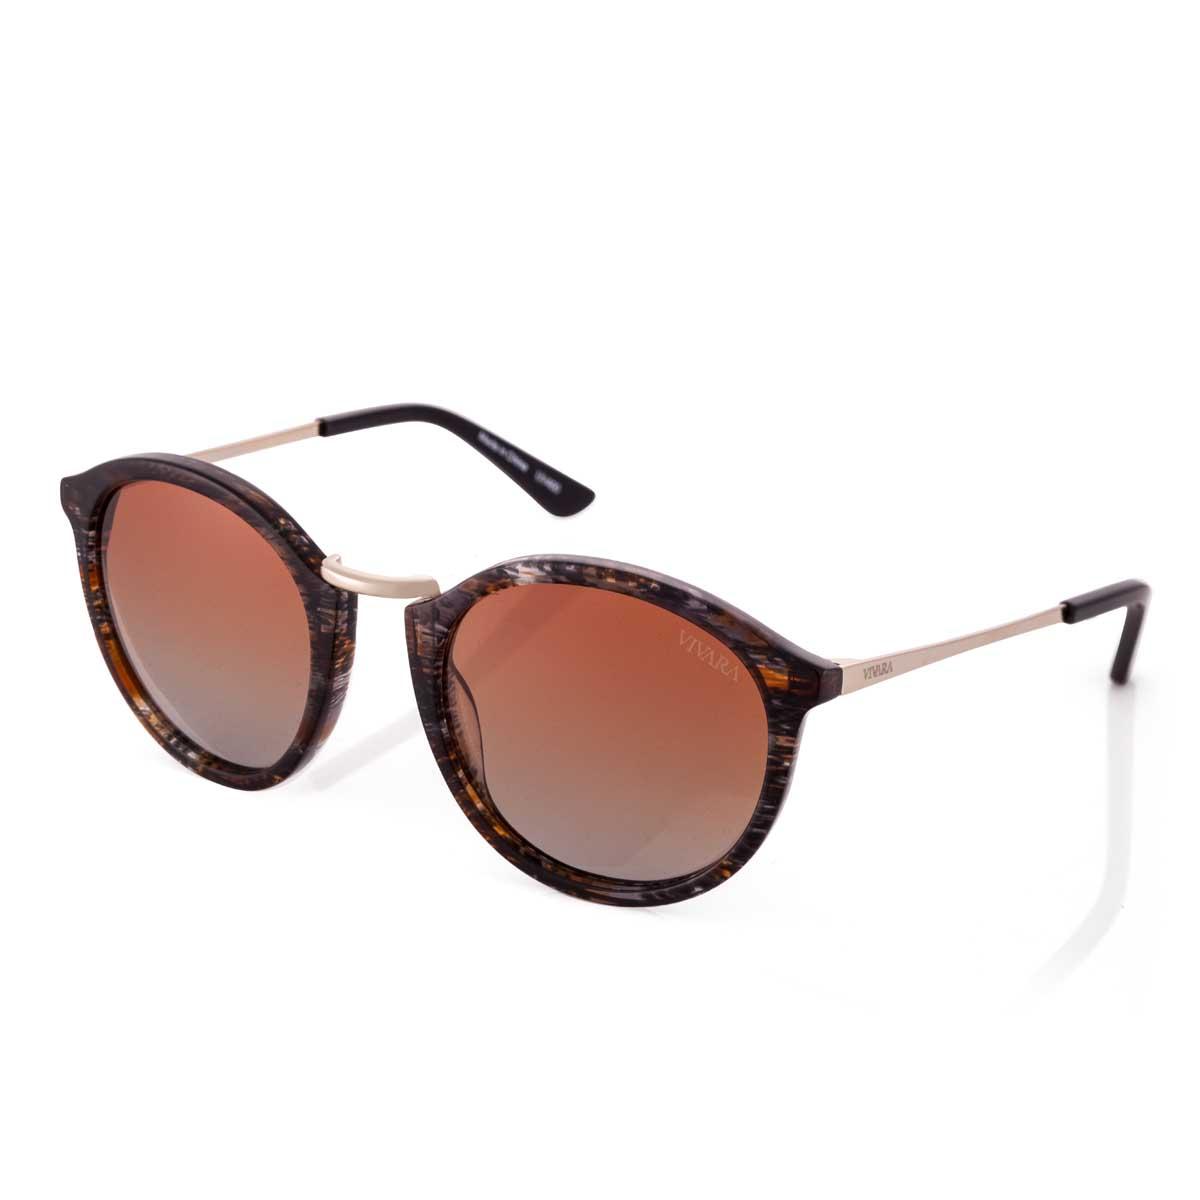 a91c965613014 Óculos de Sol Redondo em Acetato Marrom